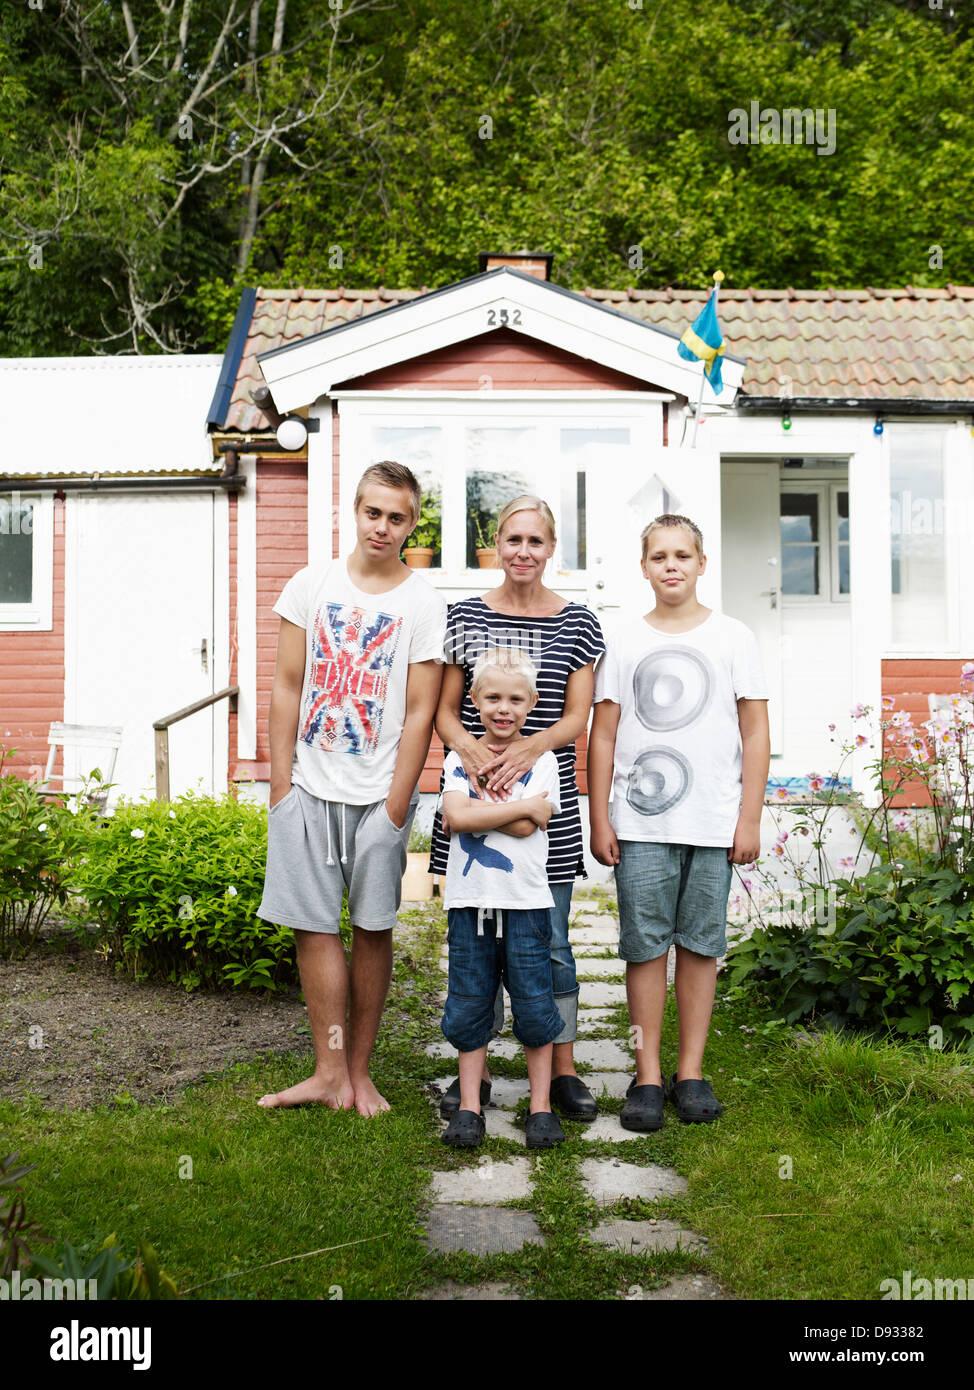 La madre y sus tres hijos de pie en frente de la casa de fin de semana Imagen De Stock